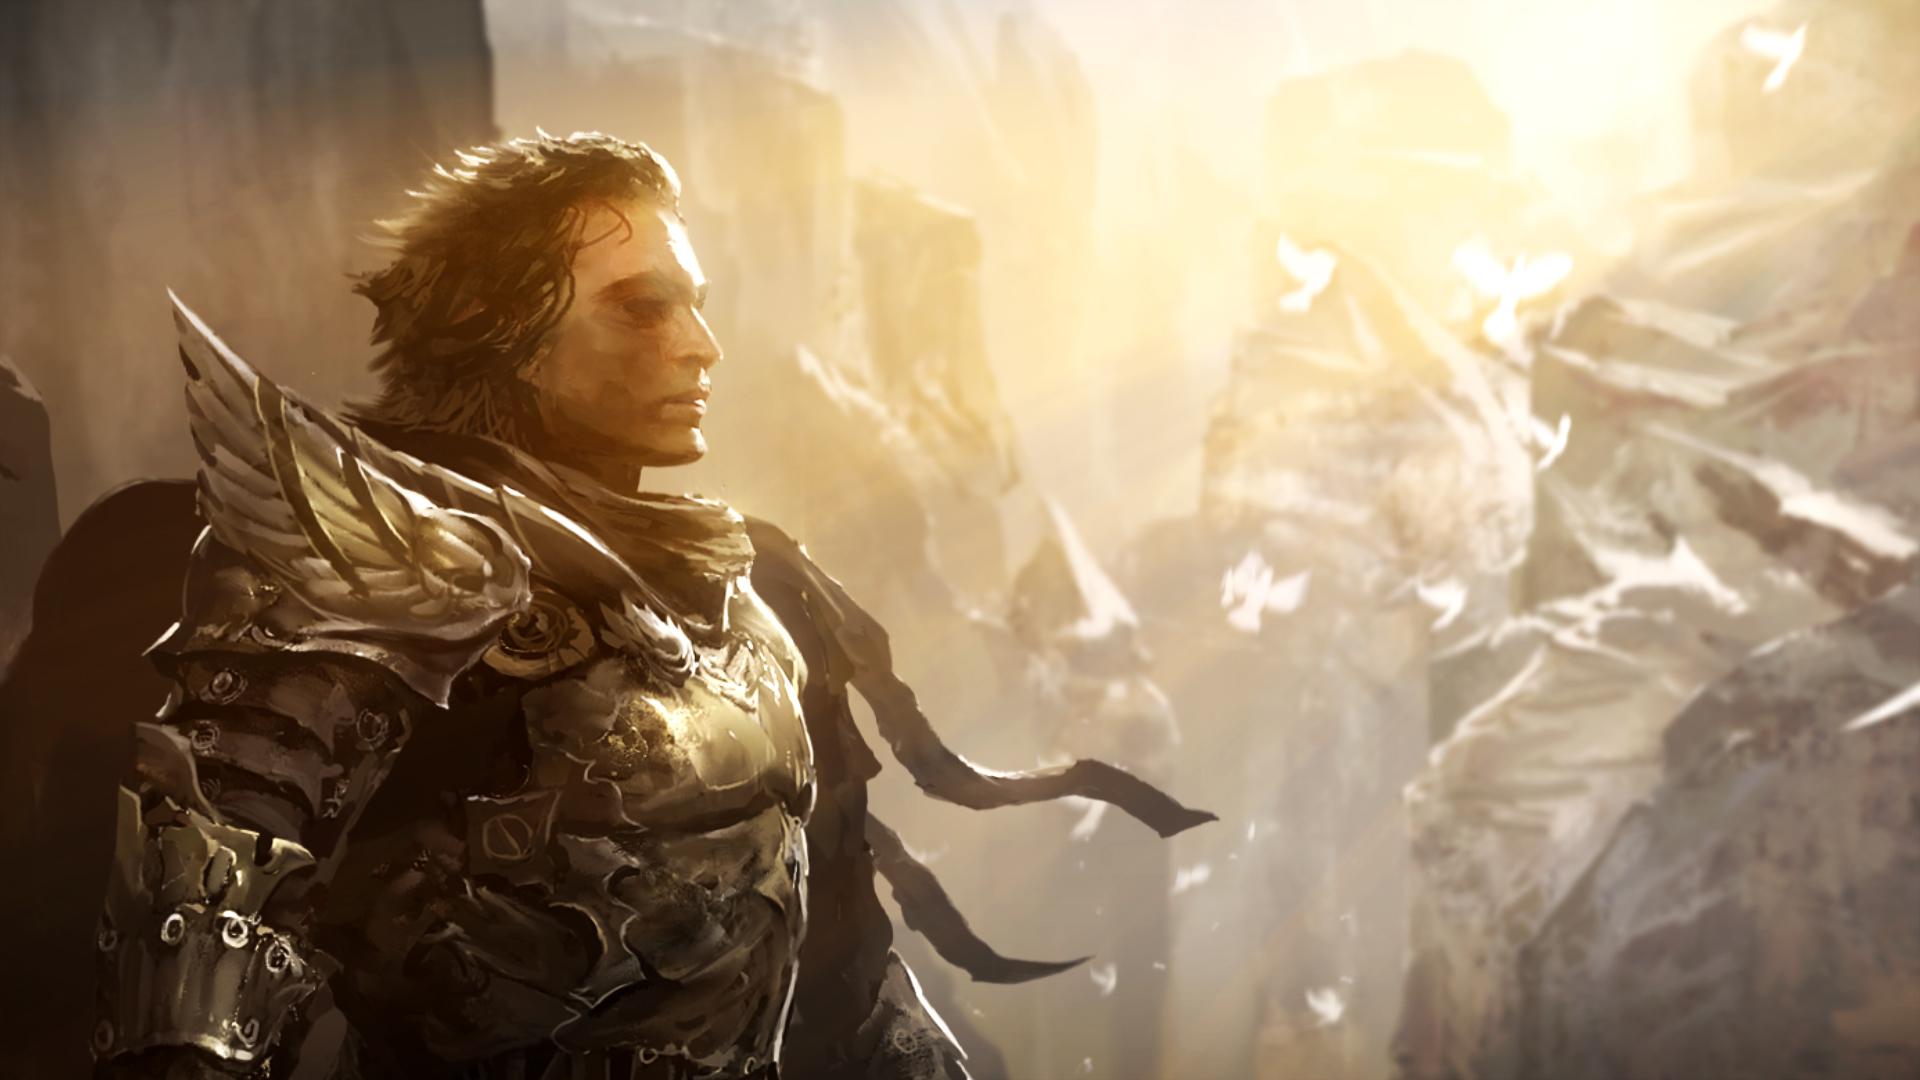 Gamescom sees first Guild Wars 2 trailer - Neoseeker